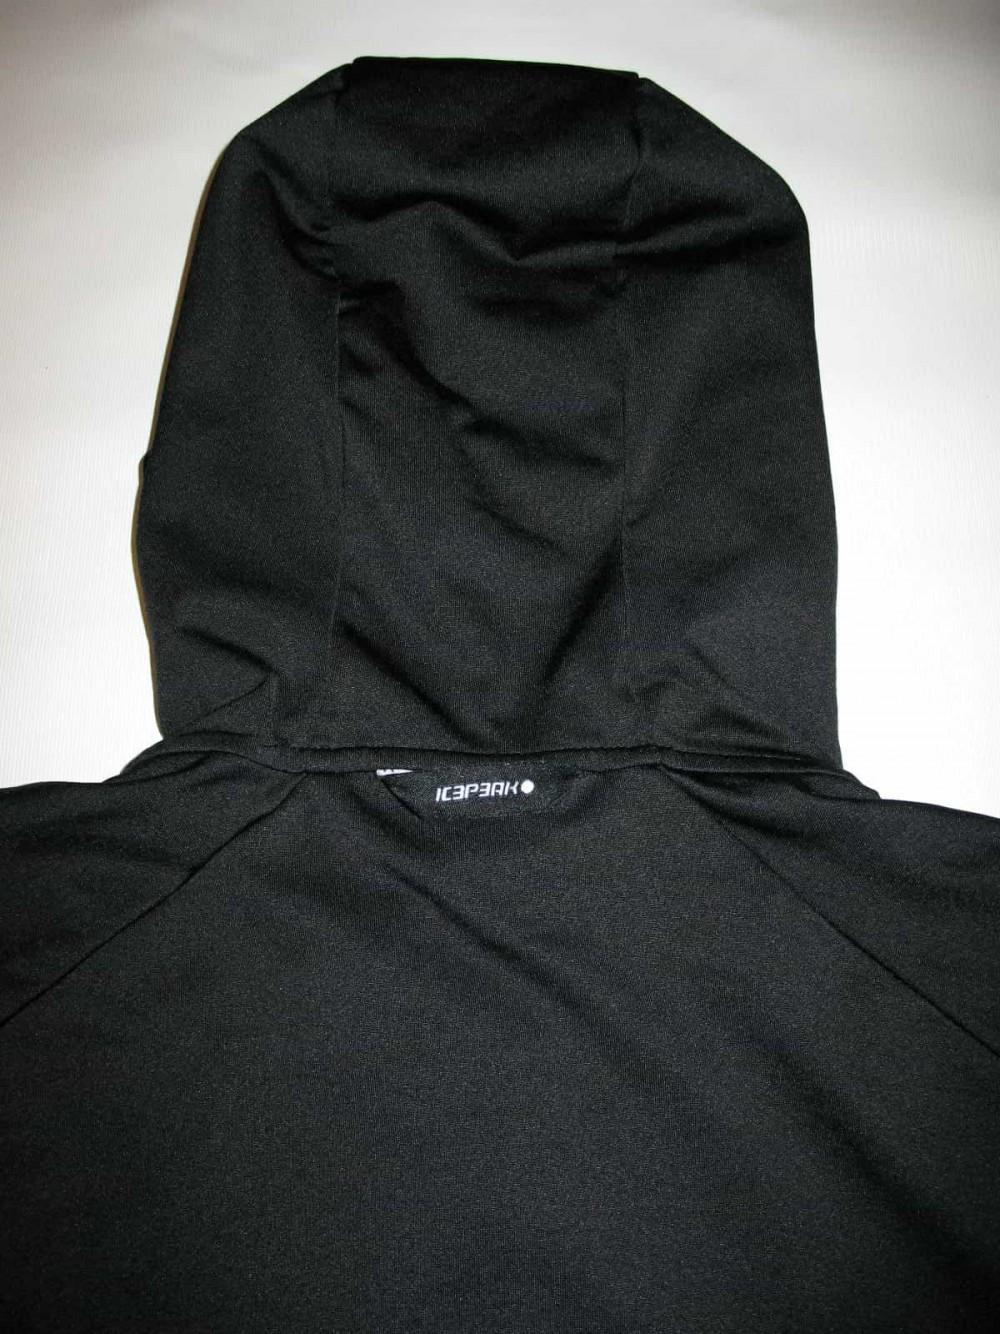 Кофта ICEPEAK fleece hoody (размер 52/L) - 7